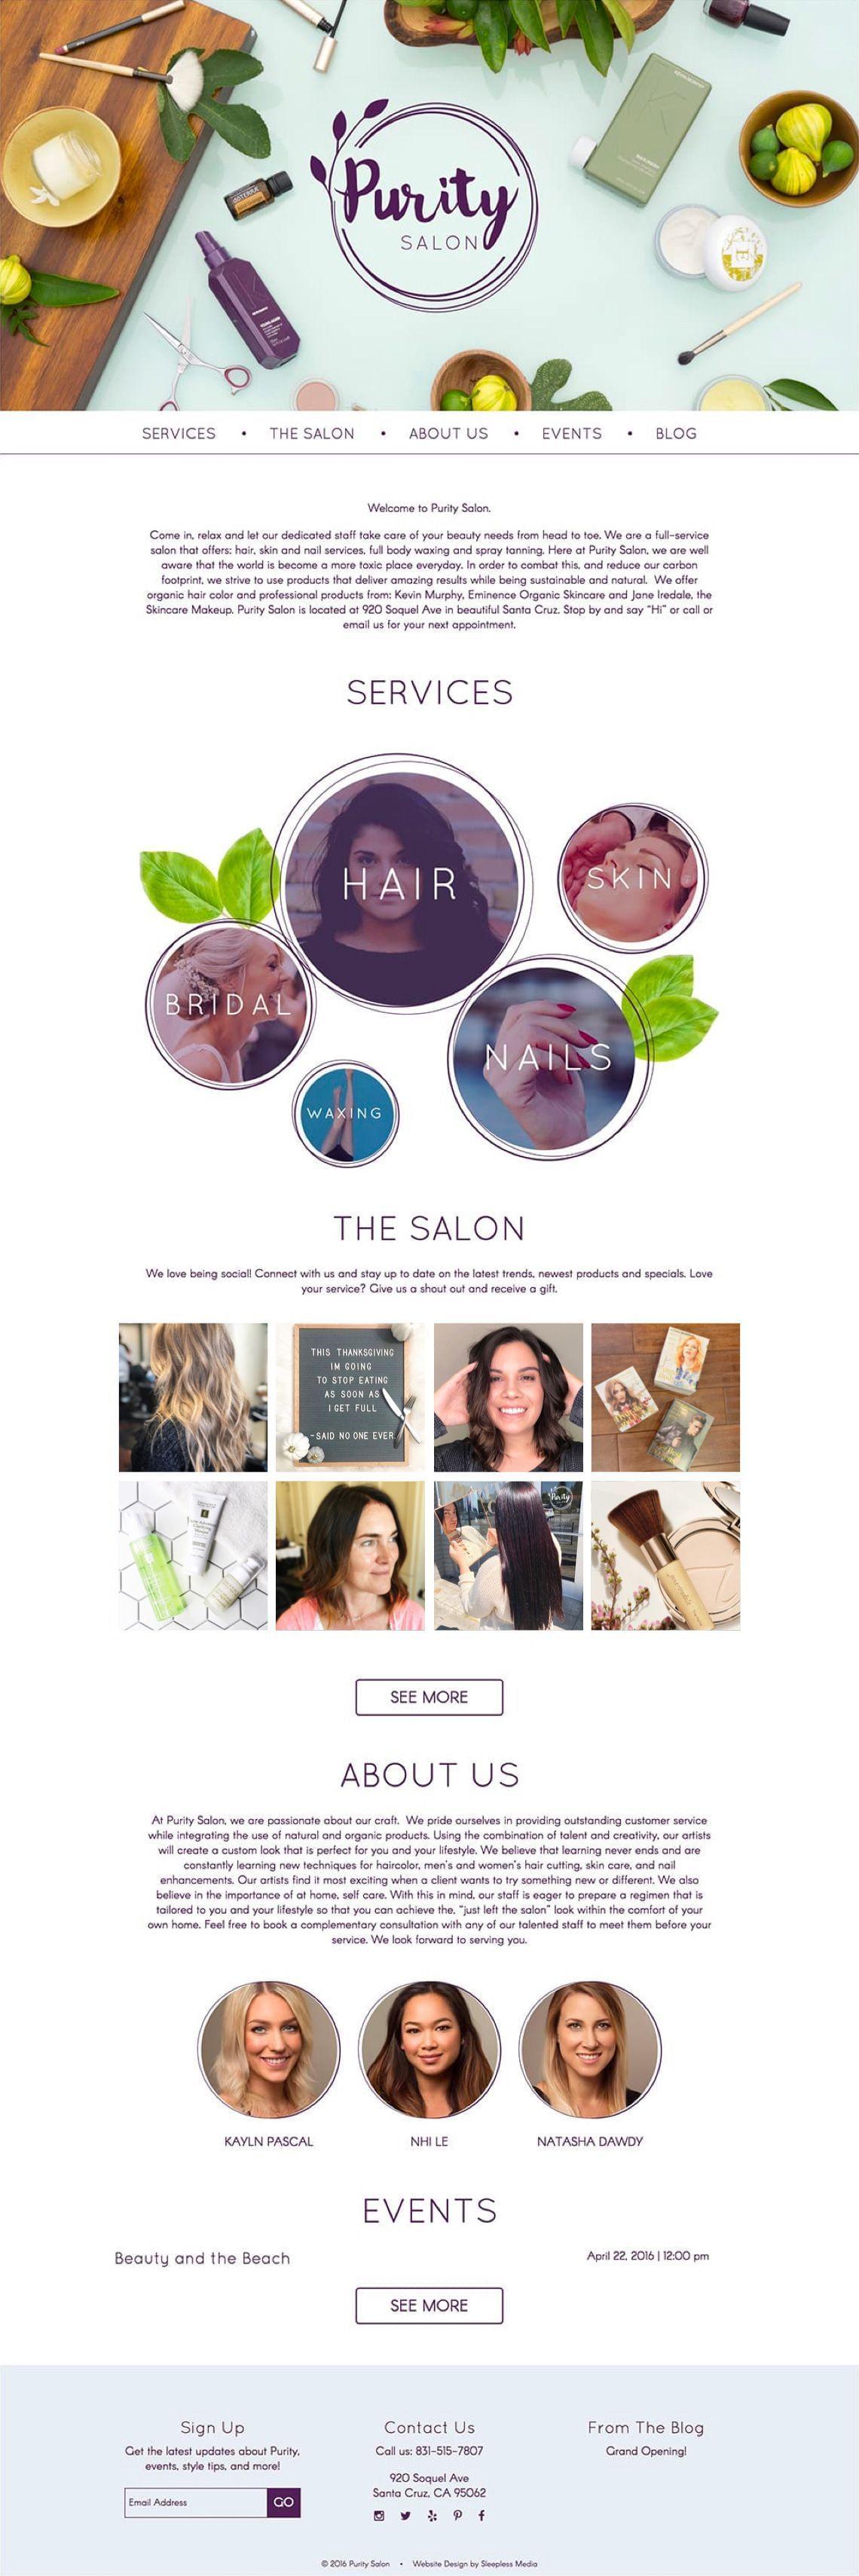 Purity Salon - Website